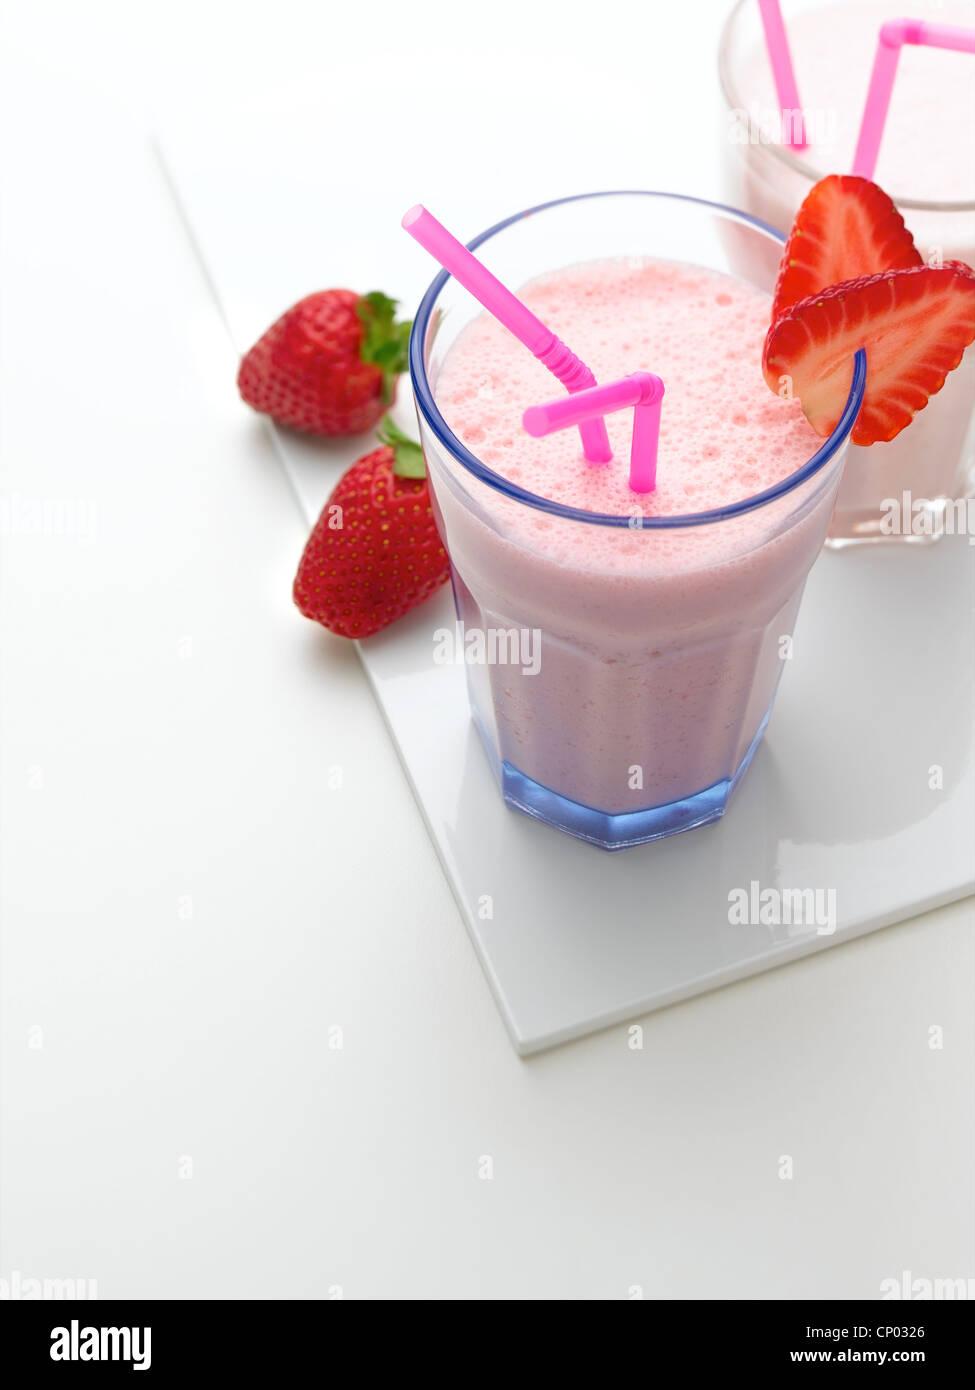 Lait frappé aux fraises Photo Stock